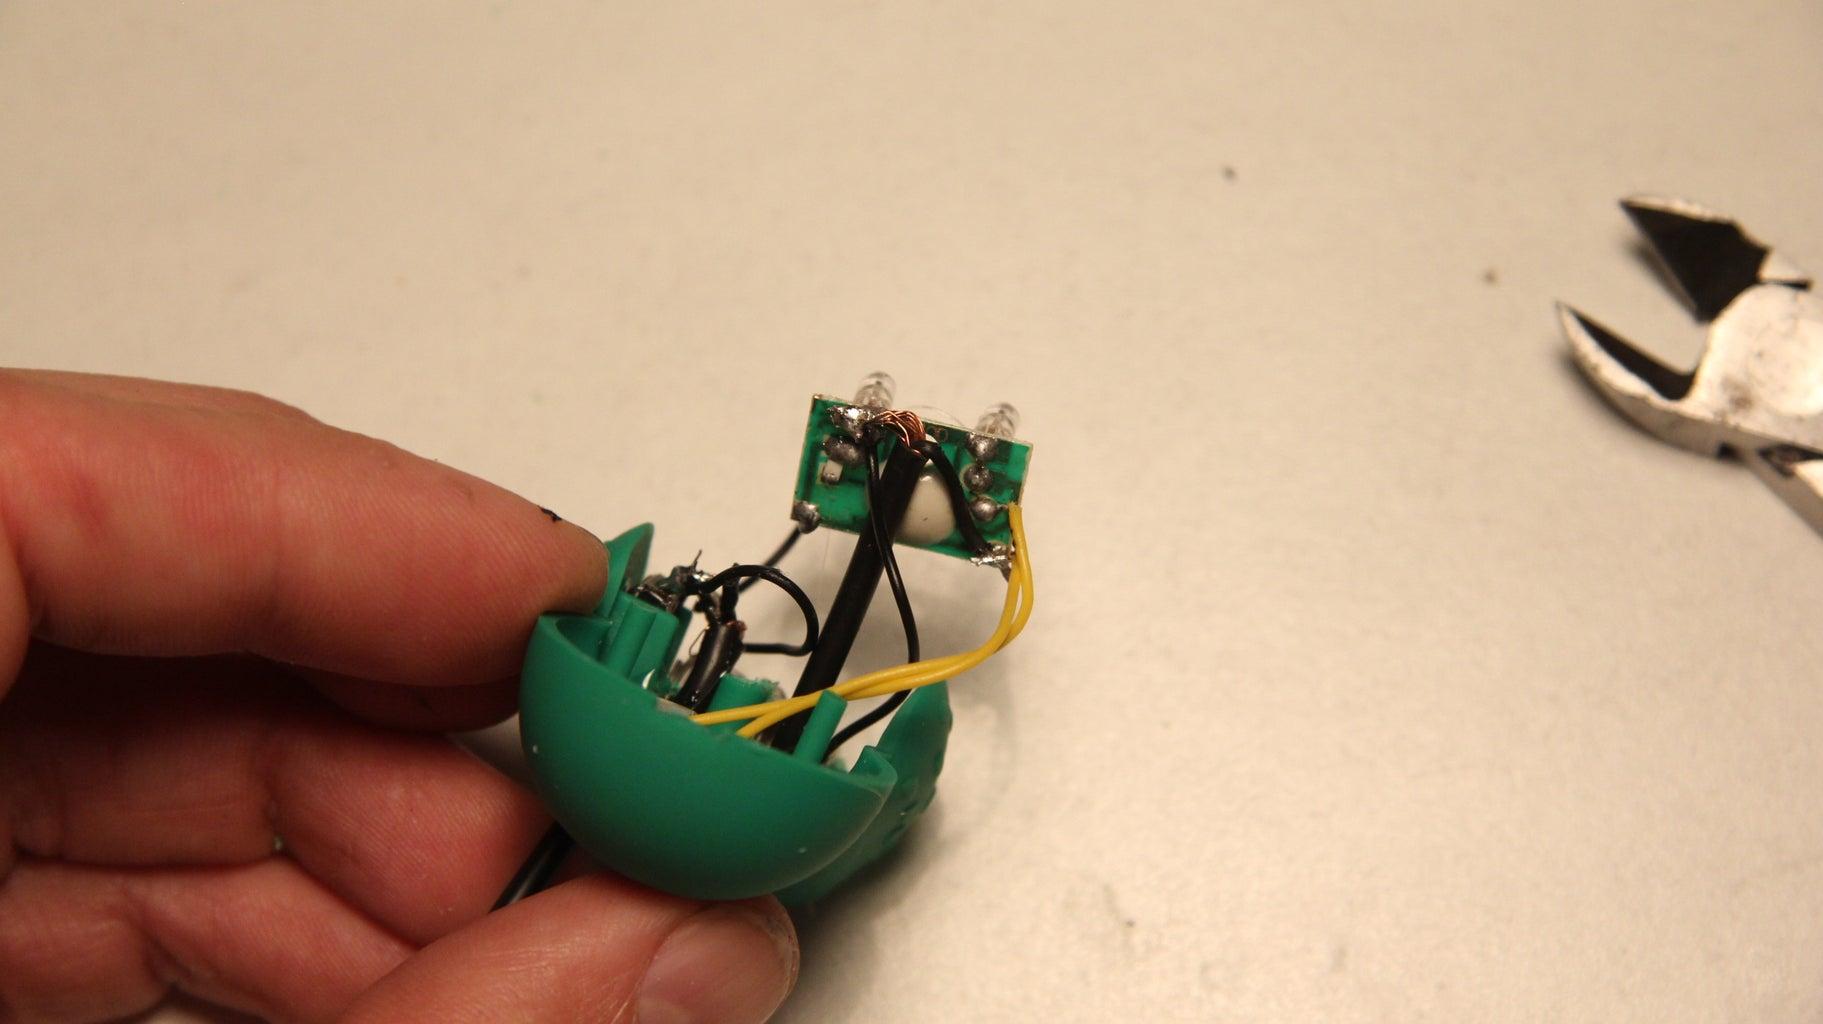 Cómo Modificar Juguetes Para Usarlos Con El Secuenciador / How to Modify Toys to Use Them With the Sequencer